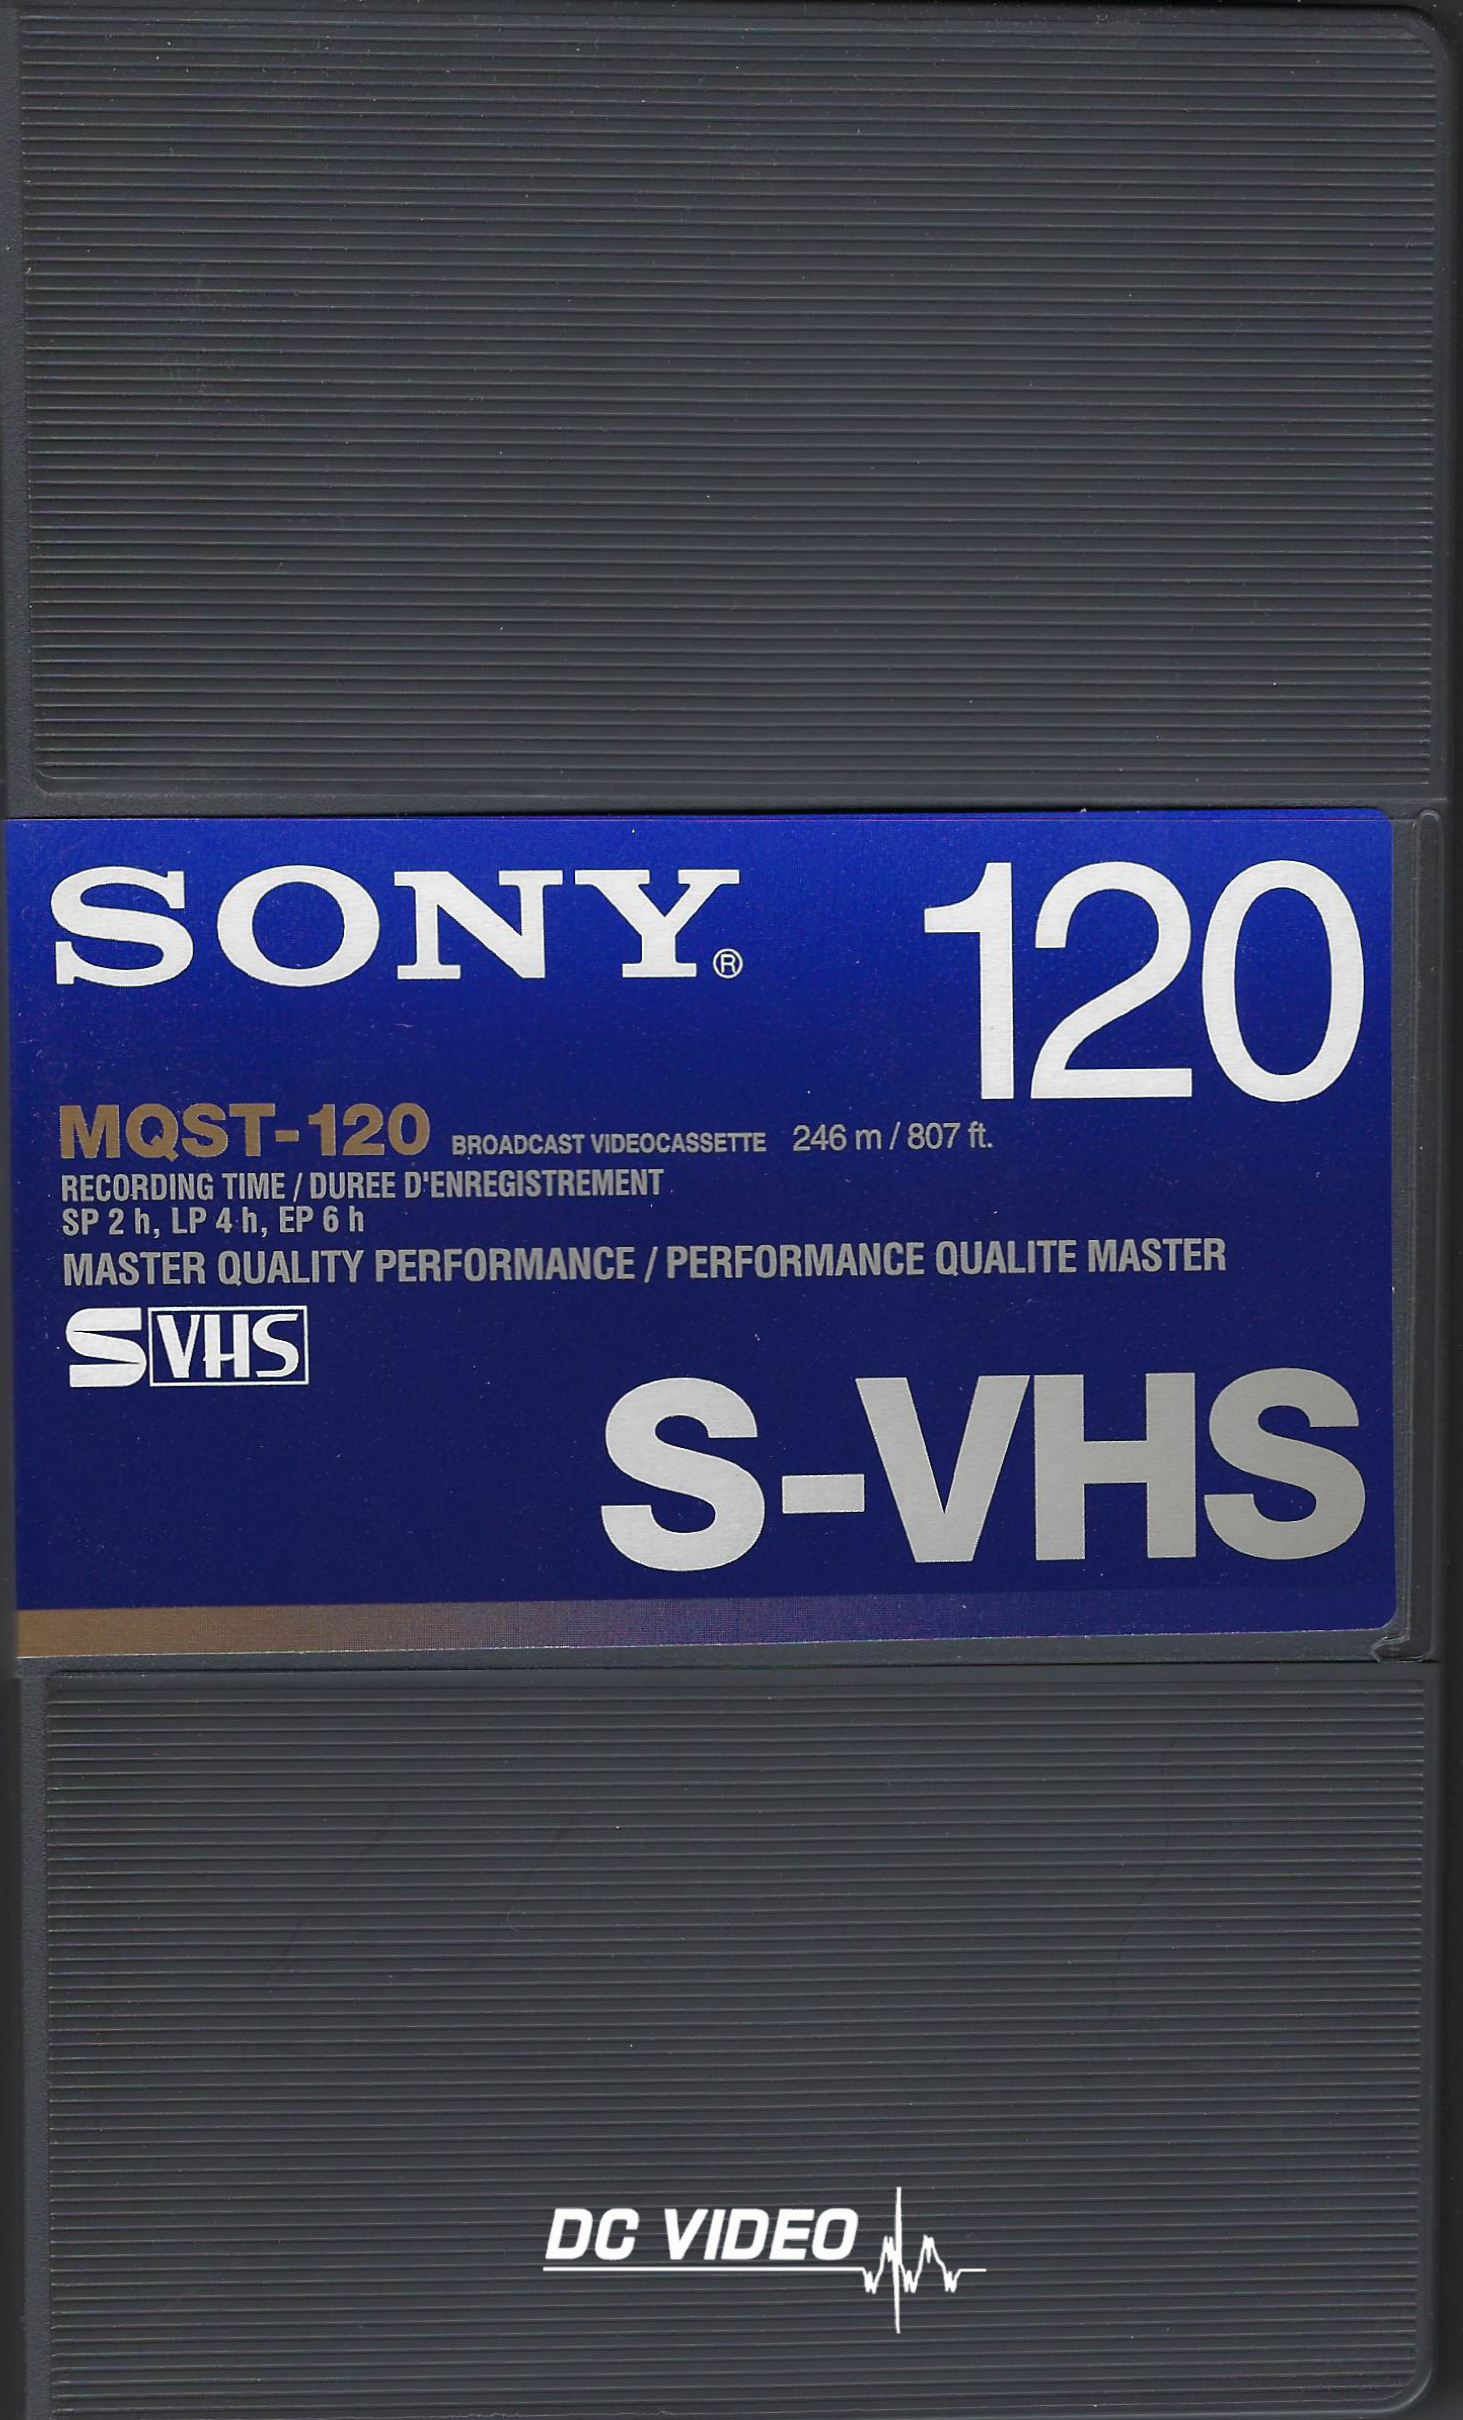 Sony SVHS MQST